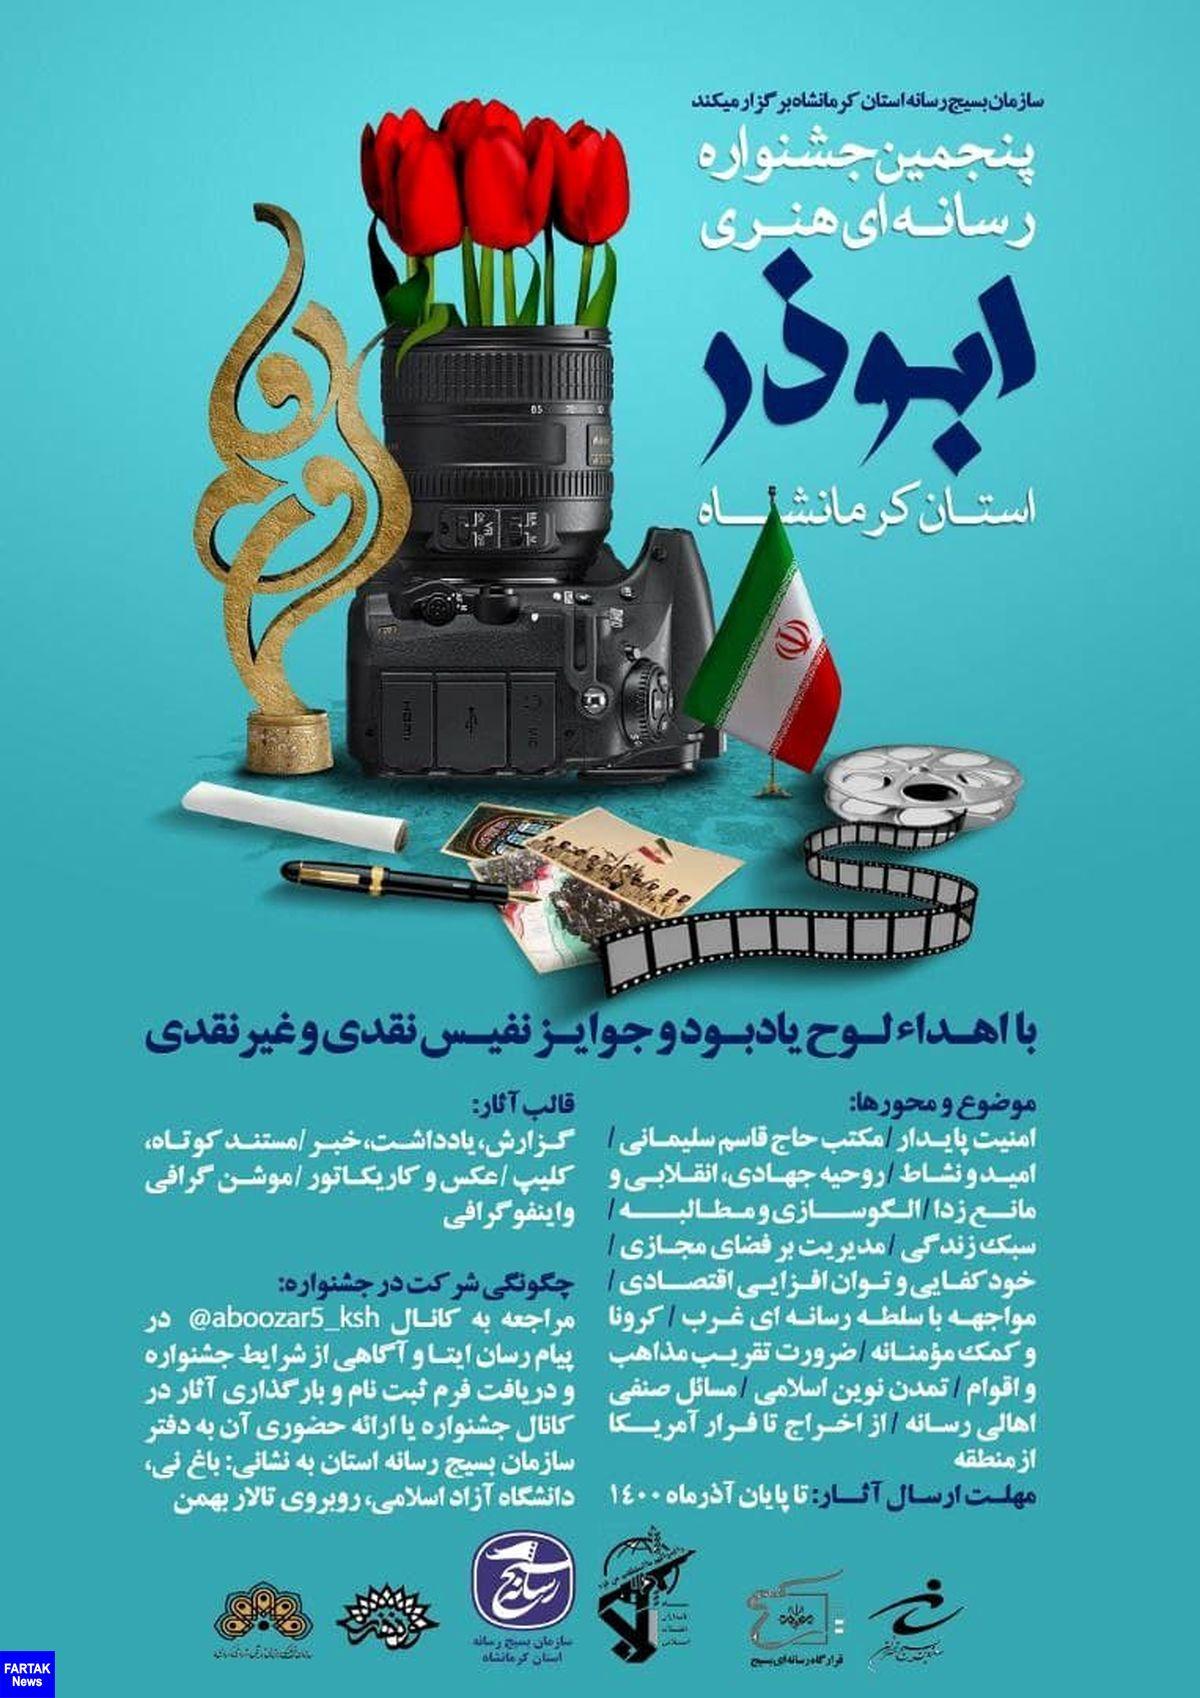 پنجمین جشنواره رسانهایهنری ابوذر استان کرمانشاه برگزار میشود